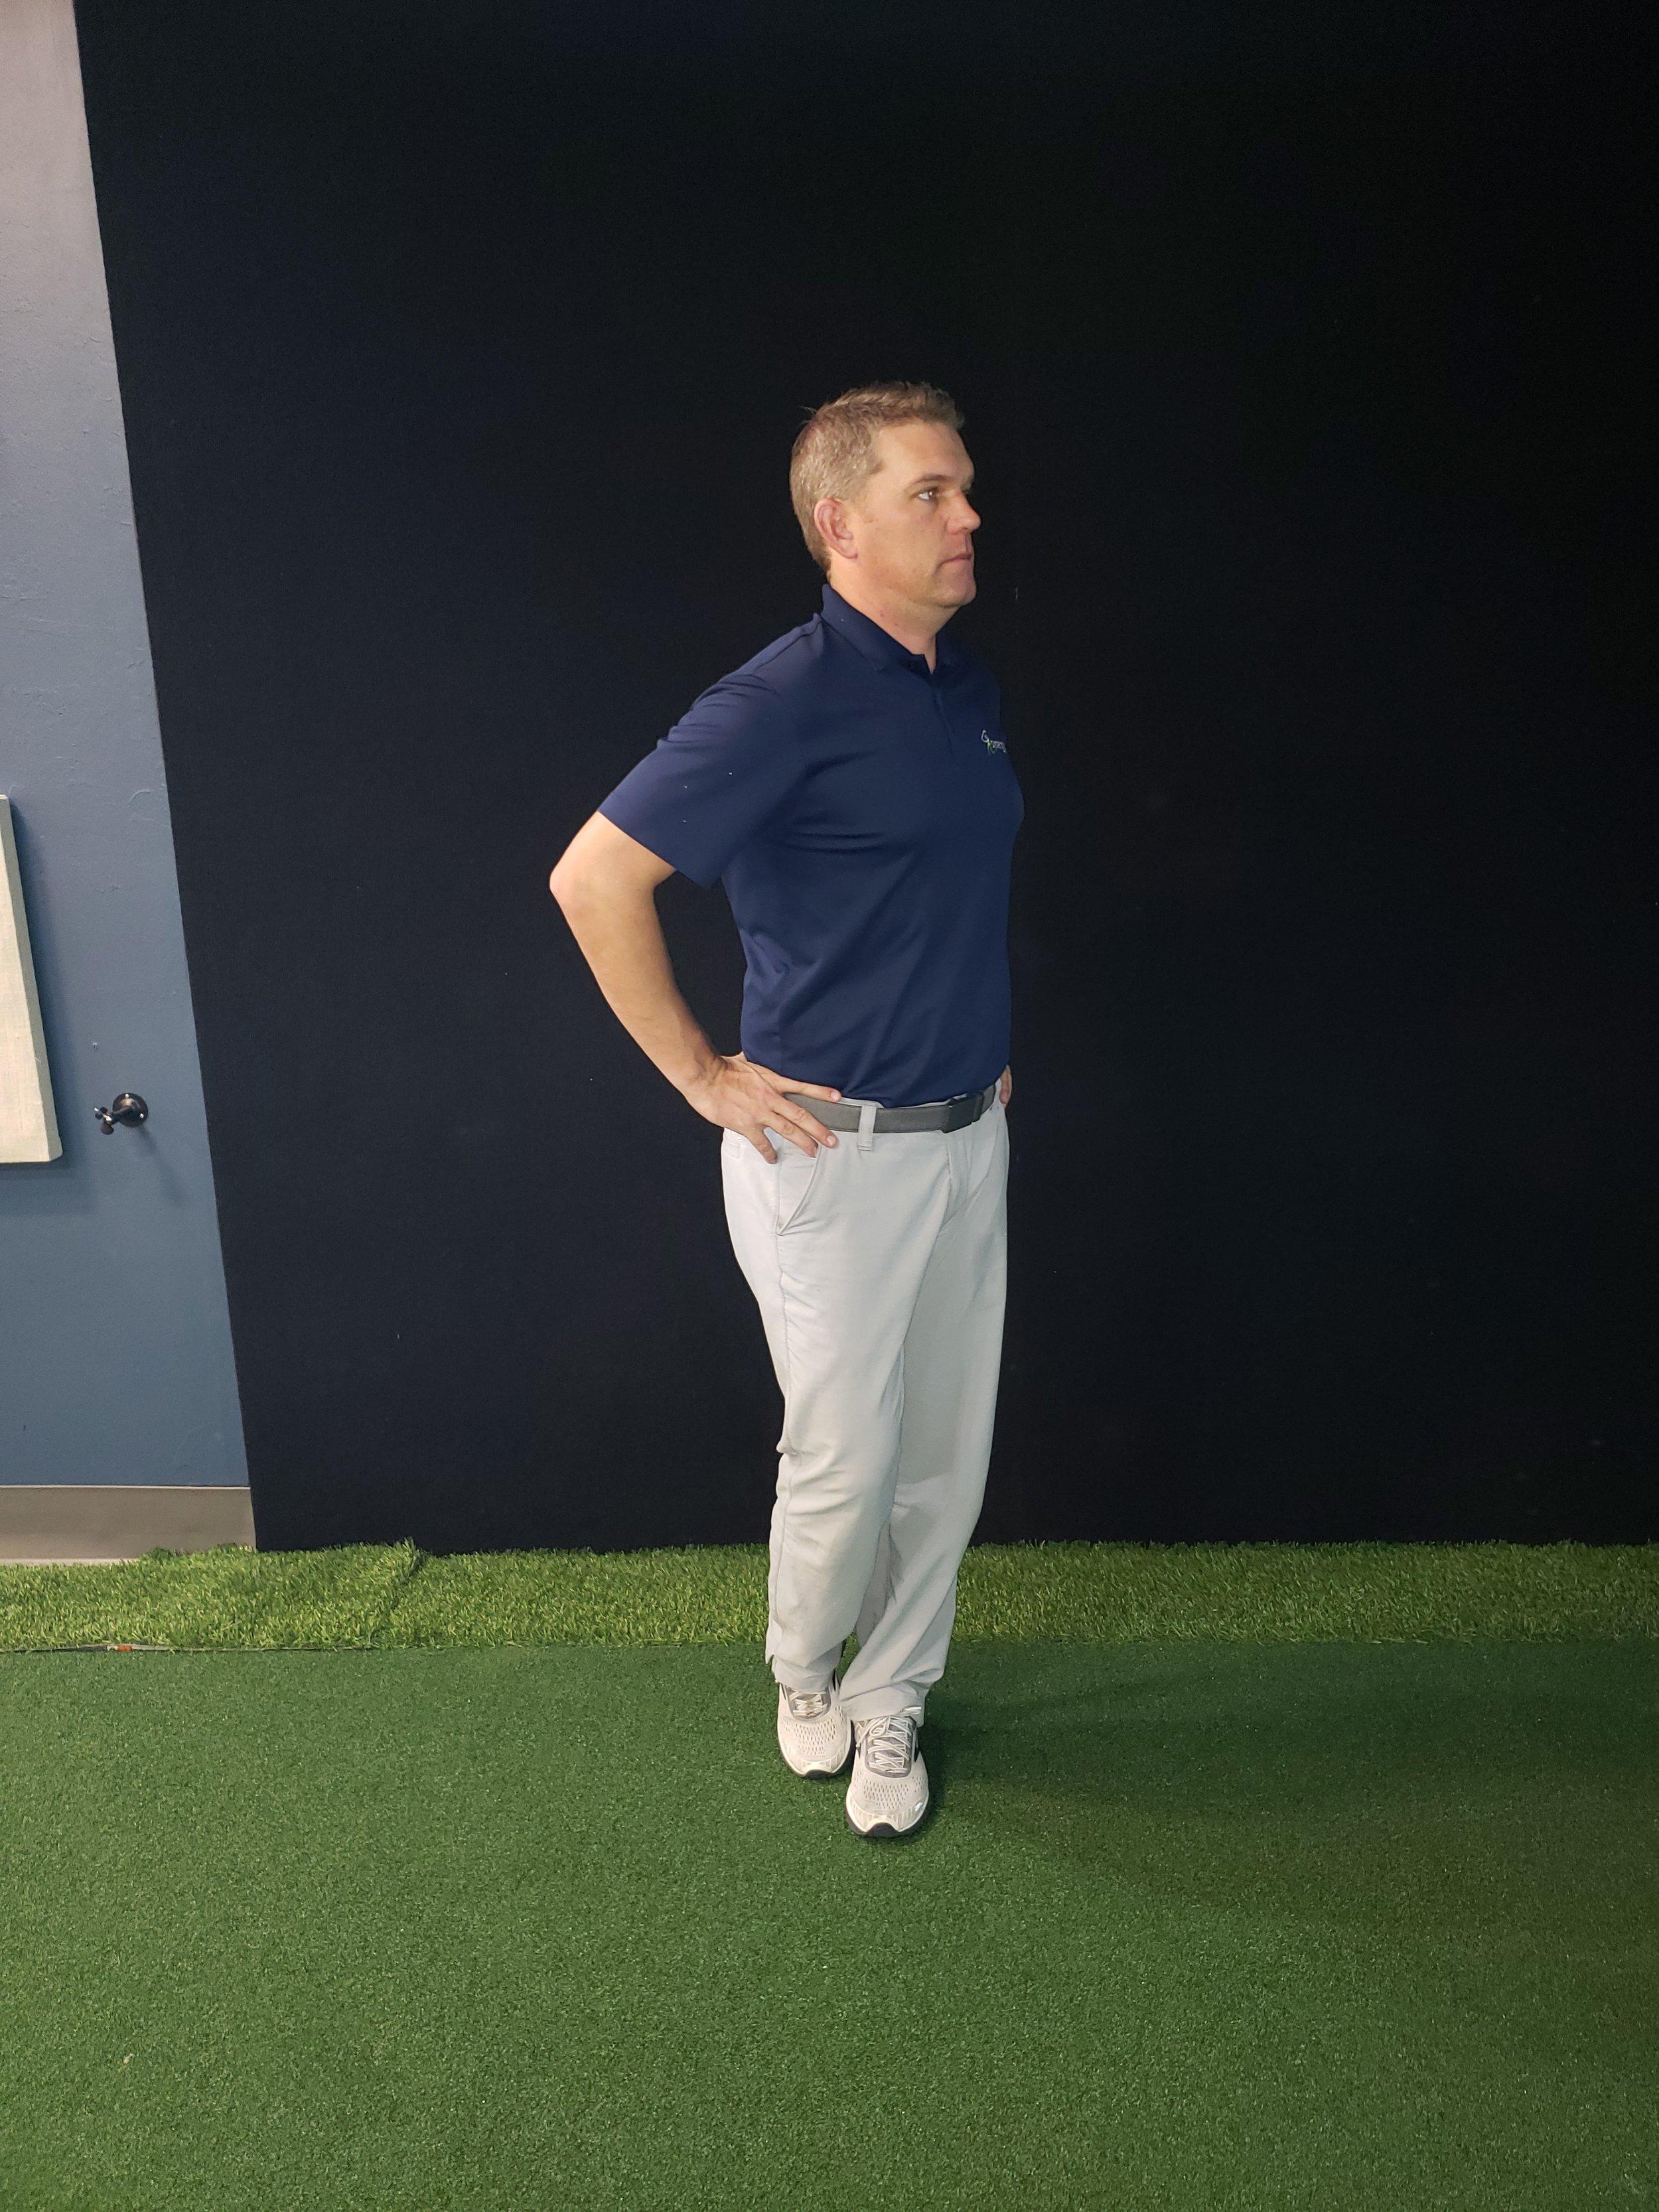 Assessing hip internal rotation